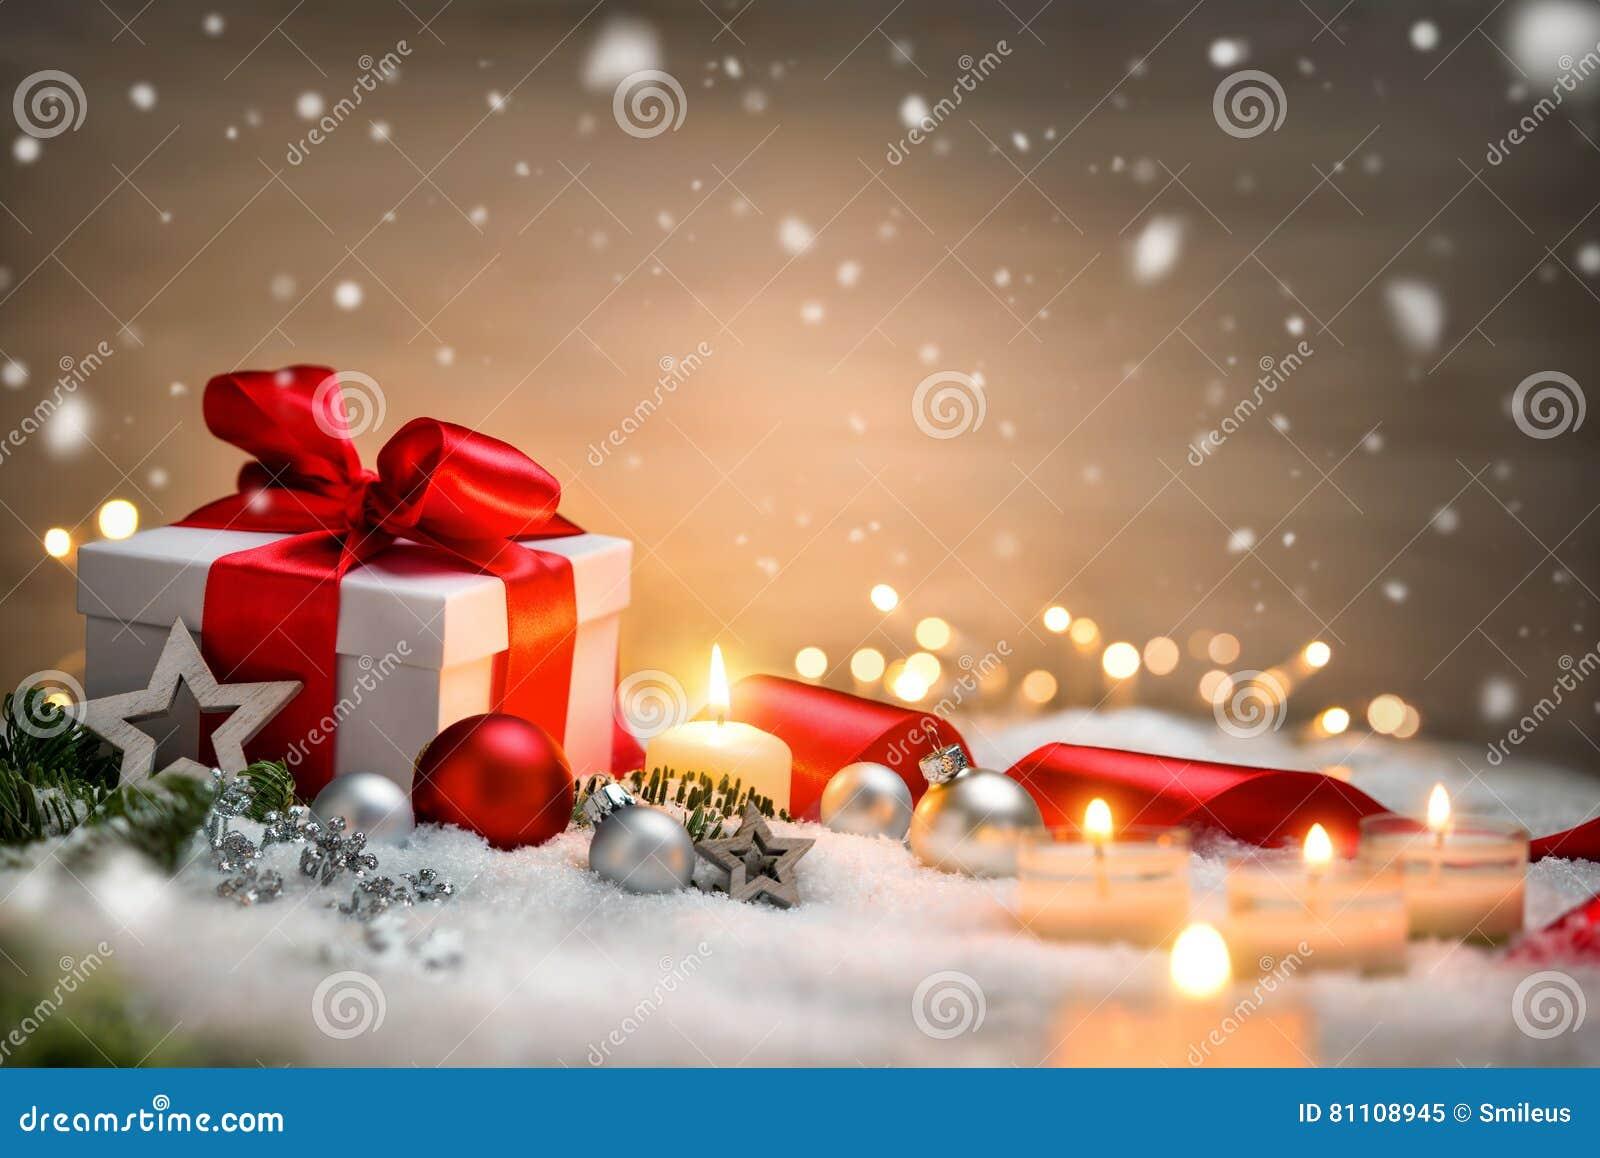 Bożenarodzeniowy prezent z śniegiem, świeczkami i ornamentami,